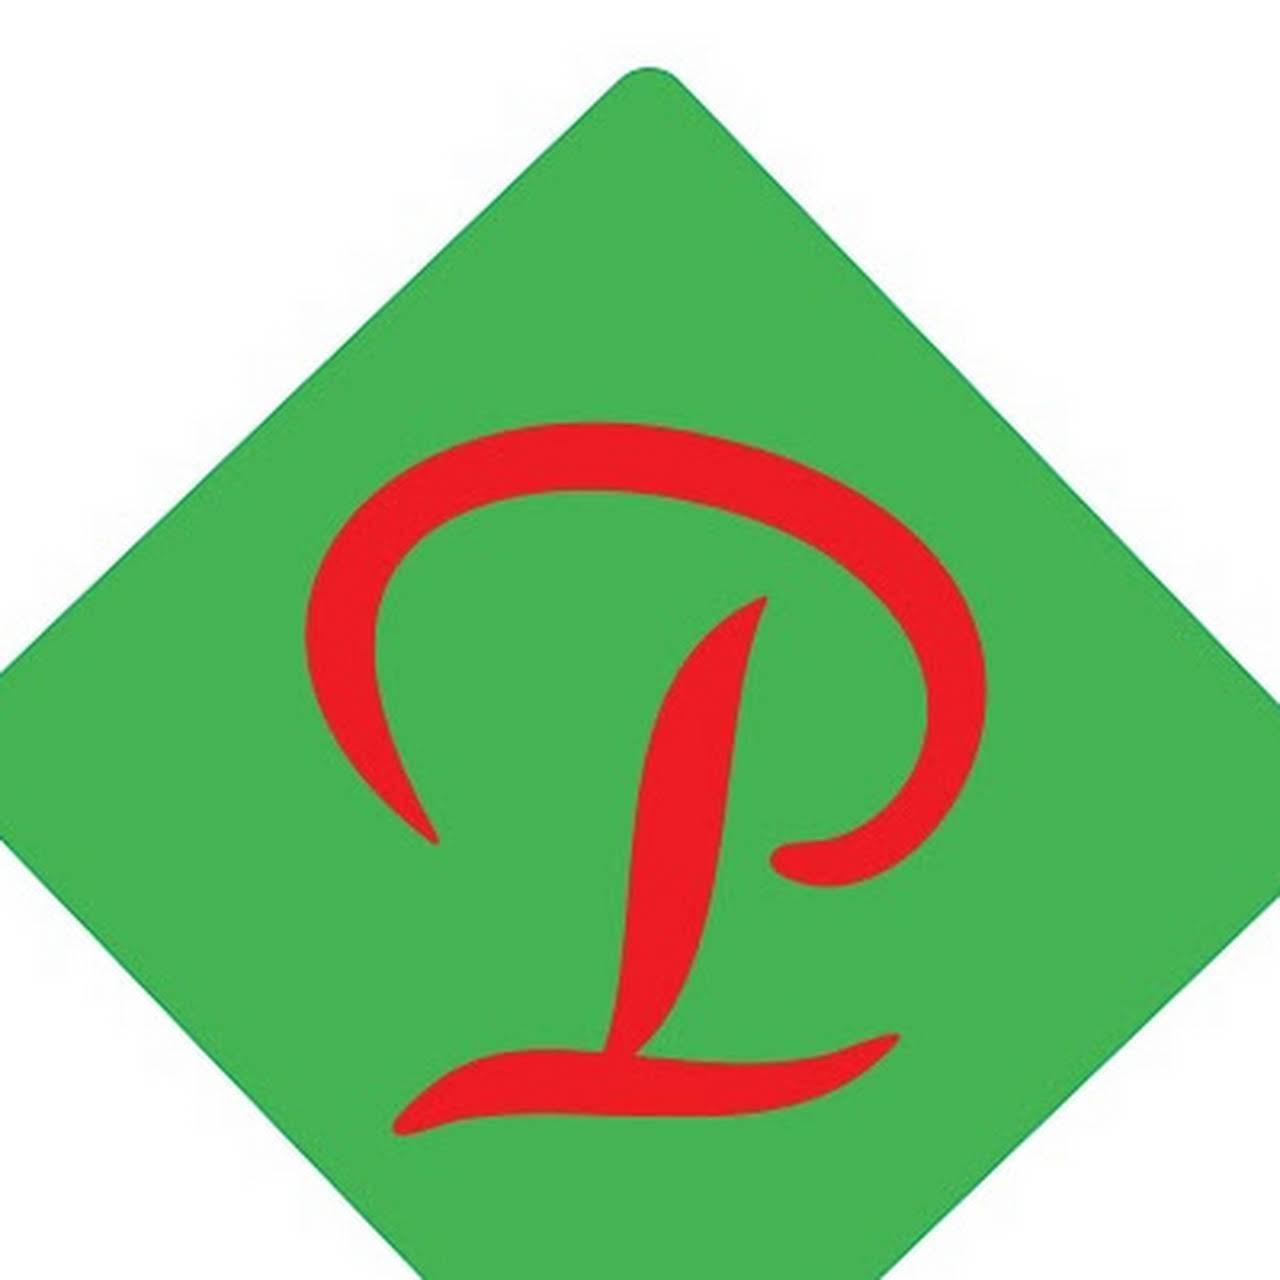 Công ty TNHH thương mại dịch vụ môi trường Lâm Phát